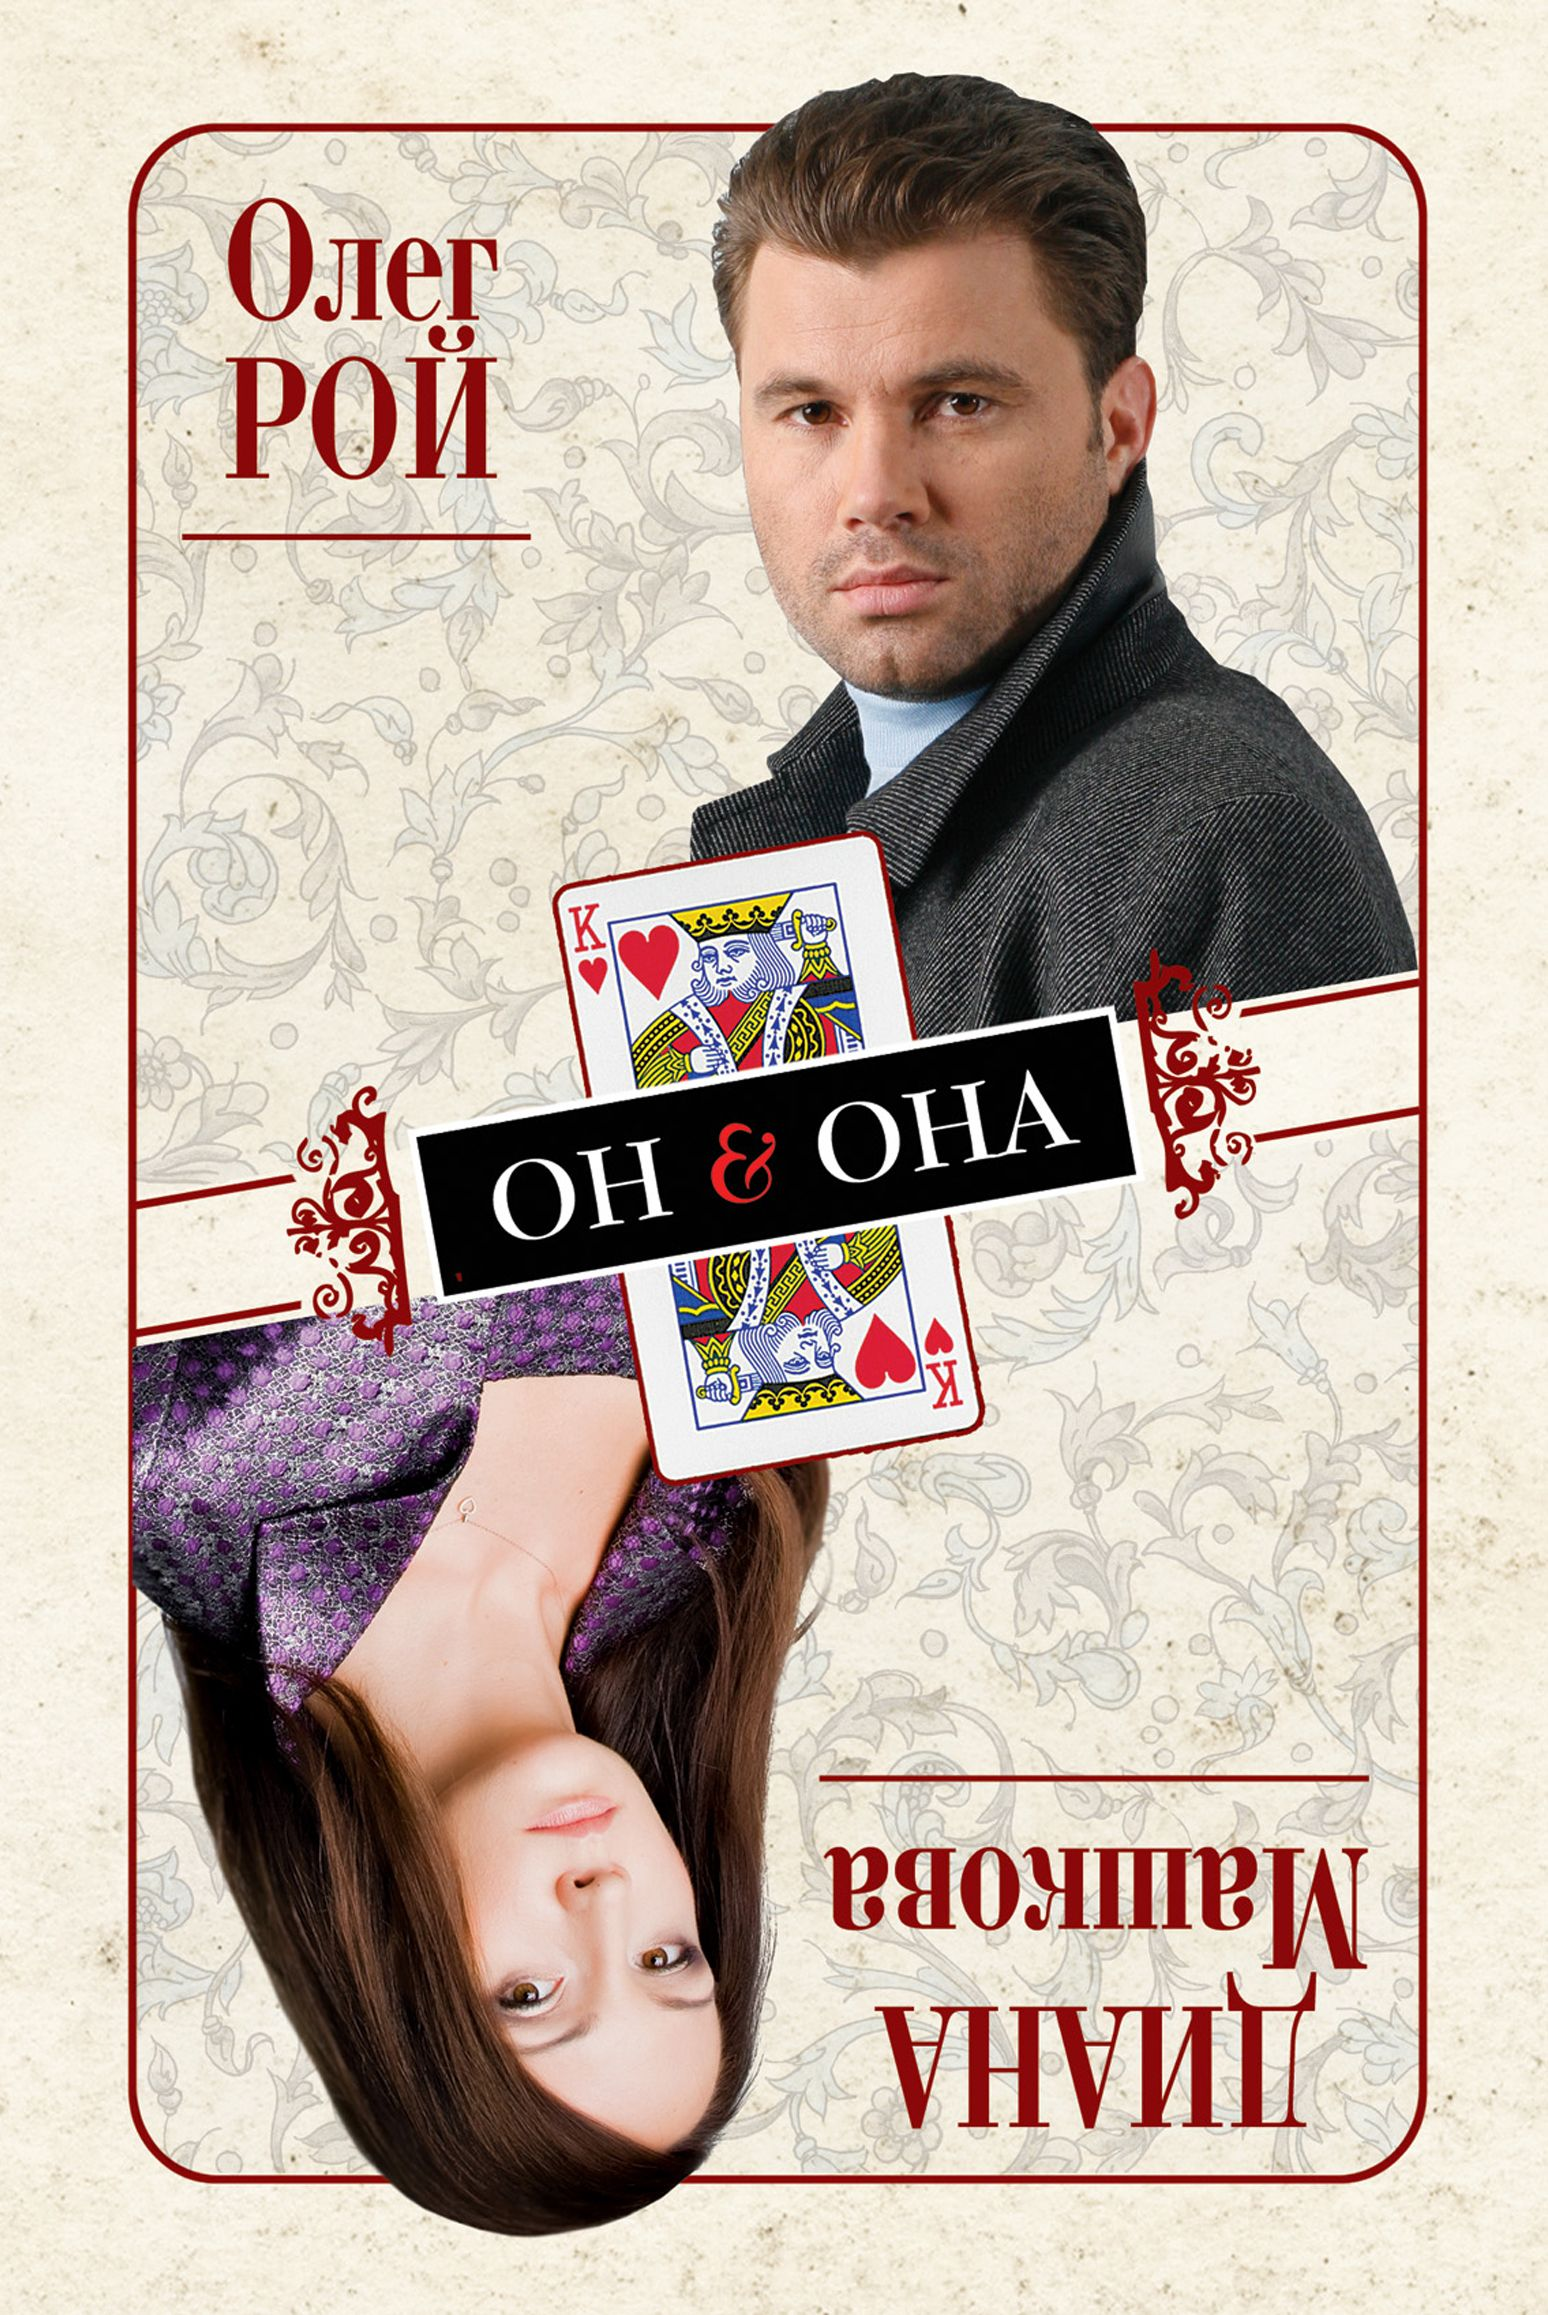 Олег Рой Он & Она